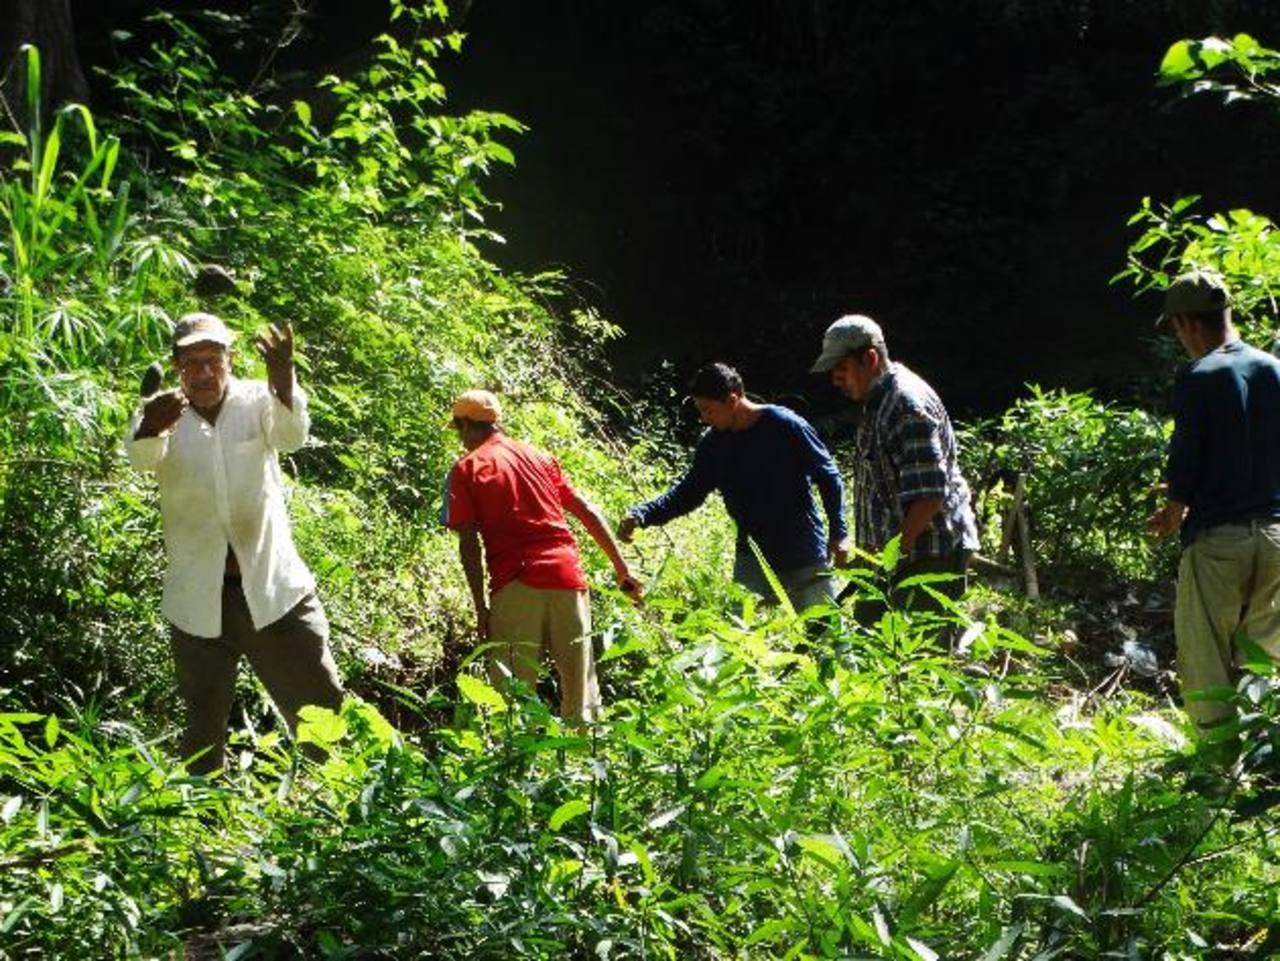 La campaña busca cuidar los recursos naturales y limpiar los ríos de la zona. Foto EDH/ Cortesía